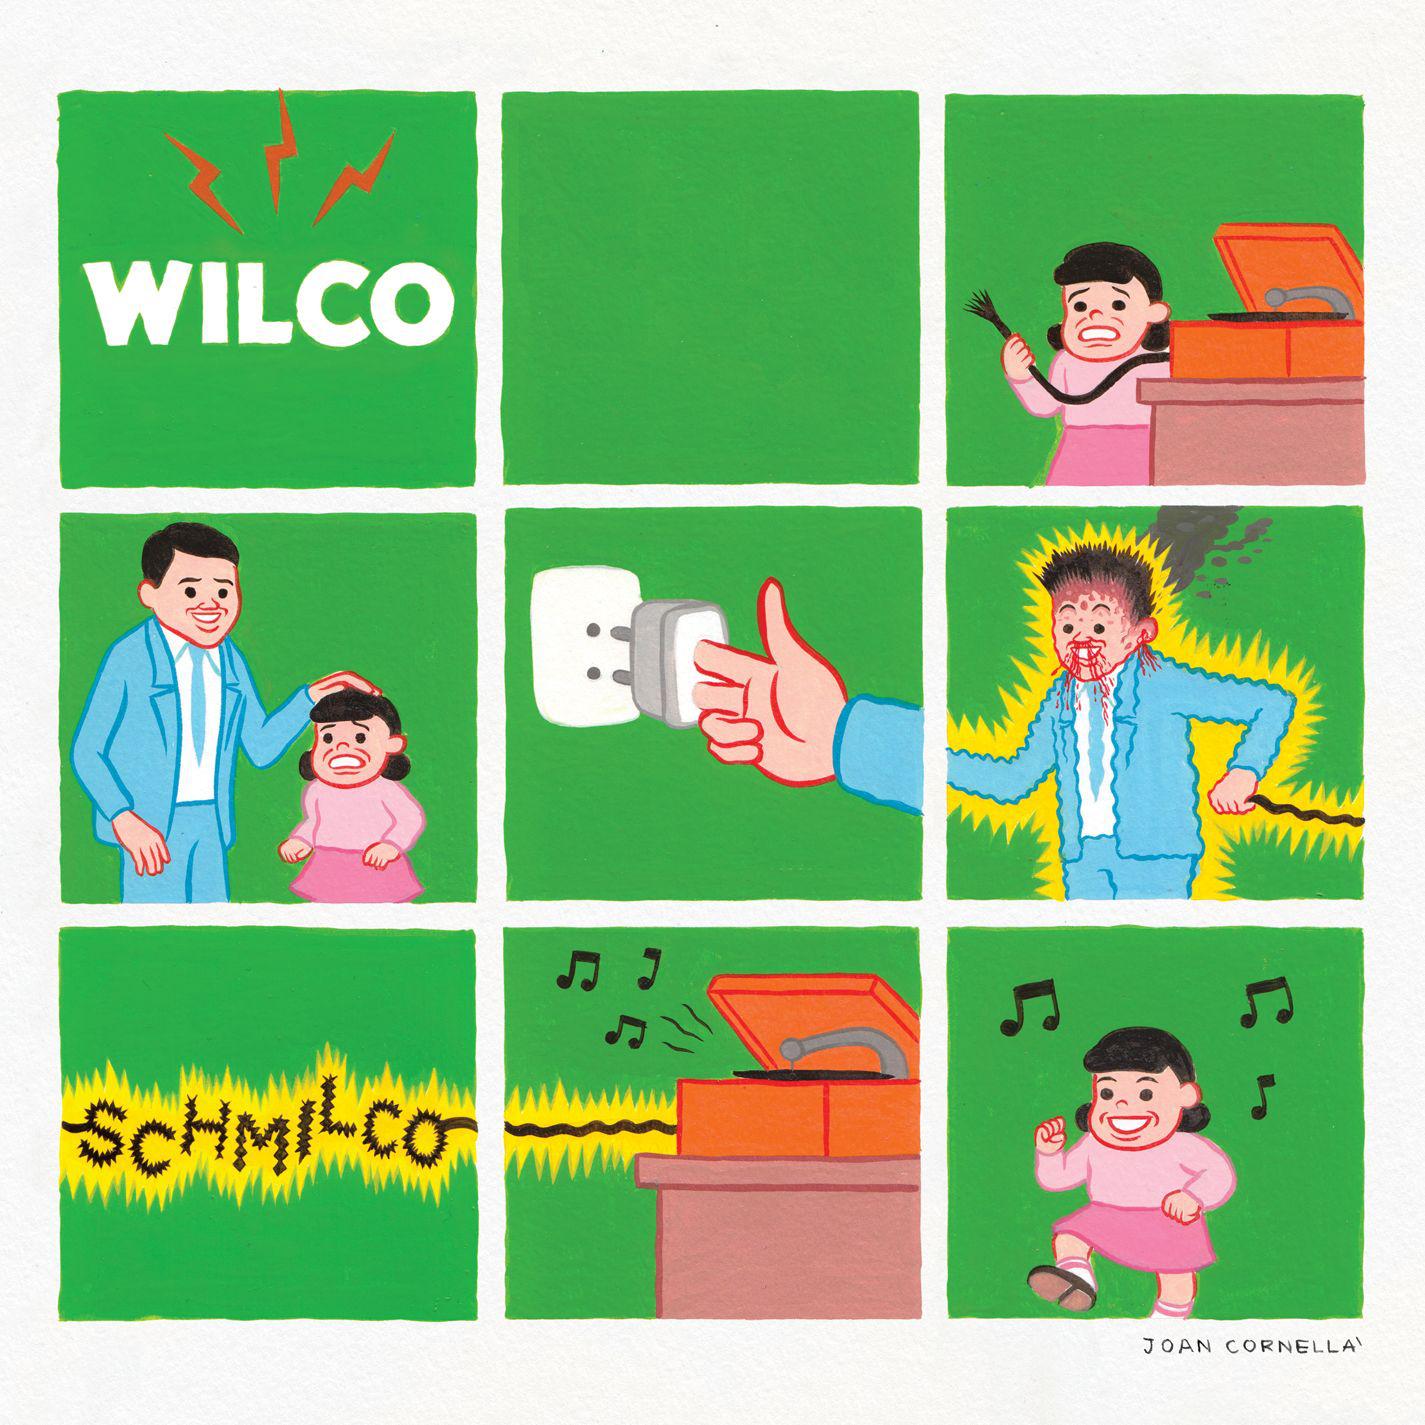 Wilco Shrug with Their Tenth Album, Schmilco